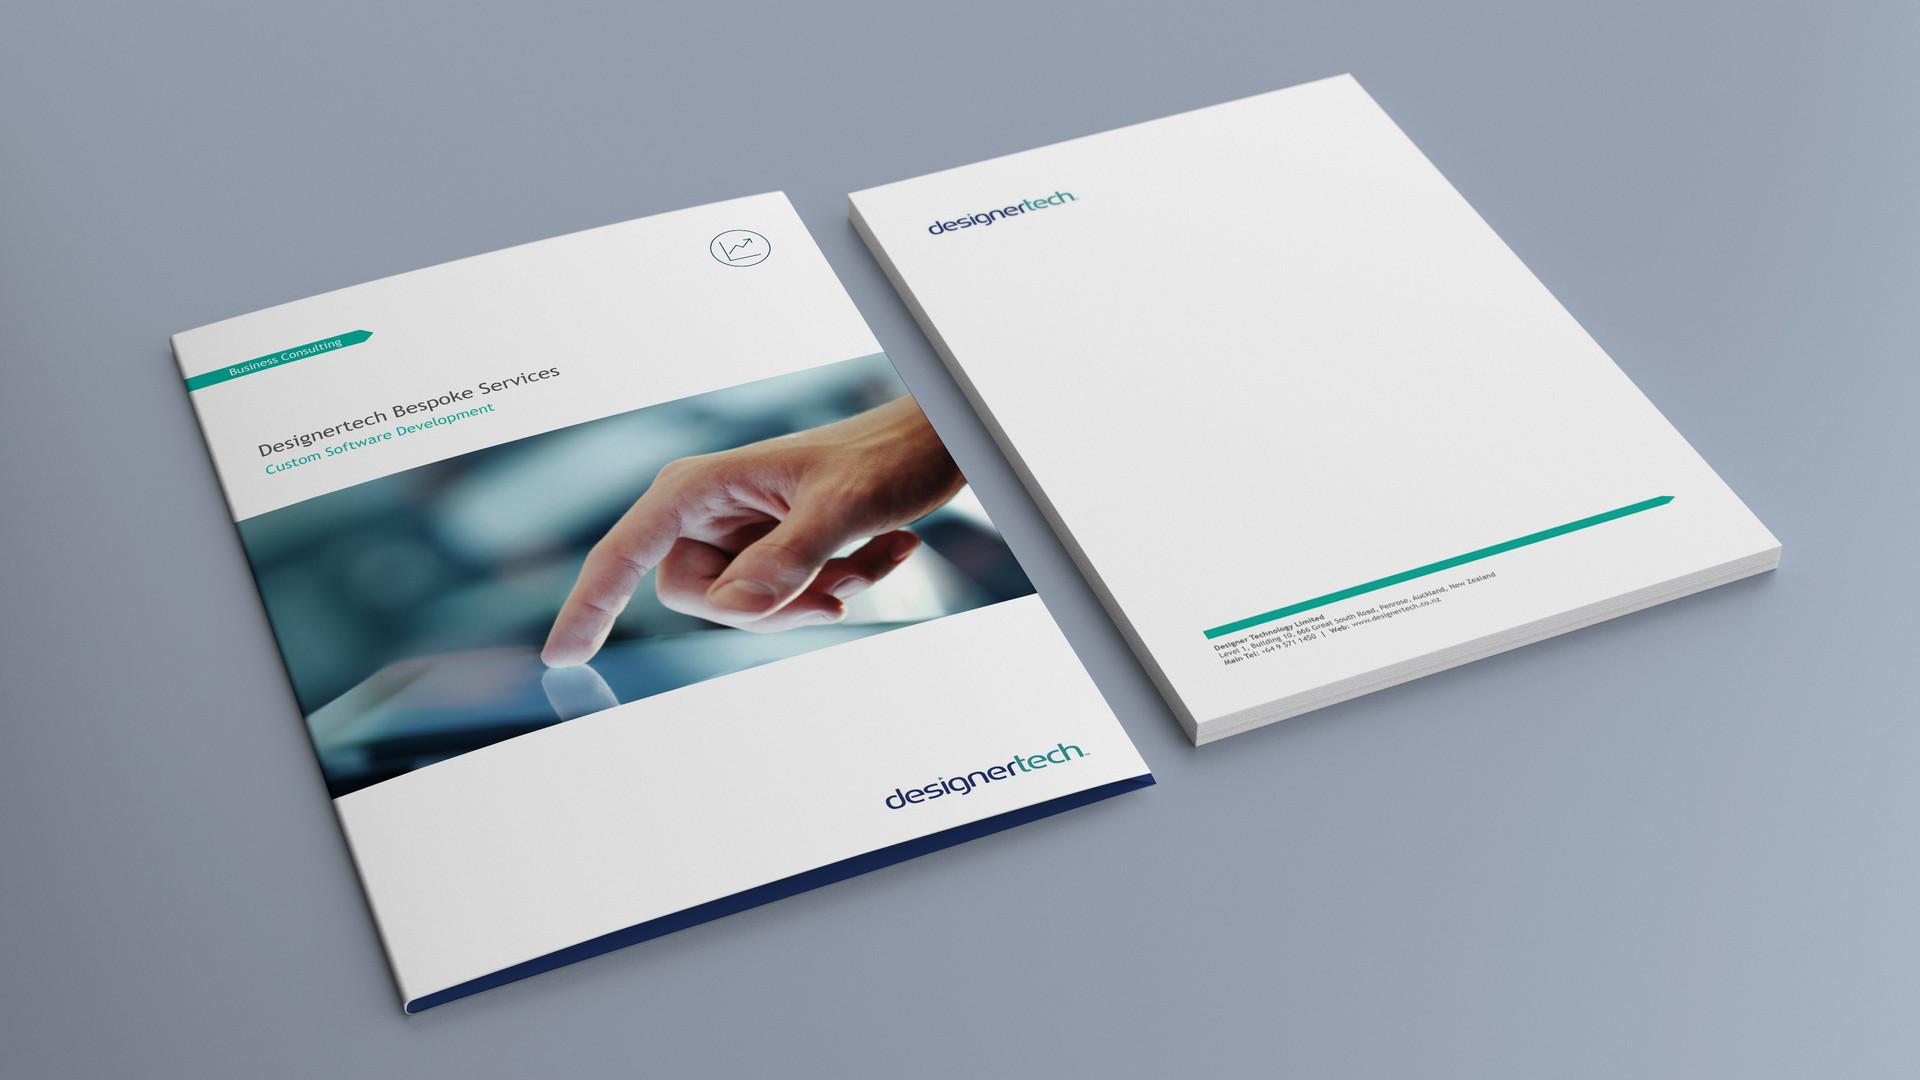 Designertech folder and letterhead.jpg